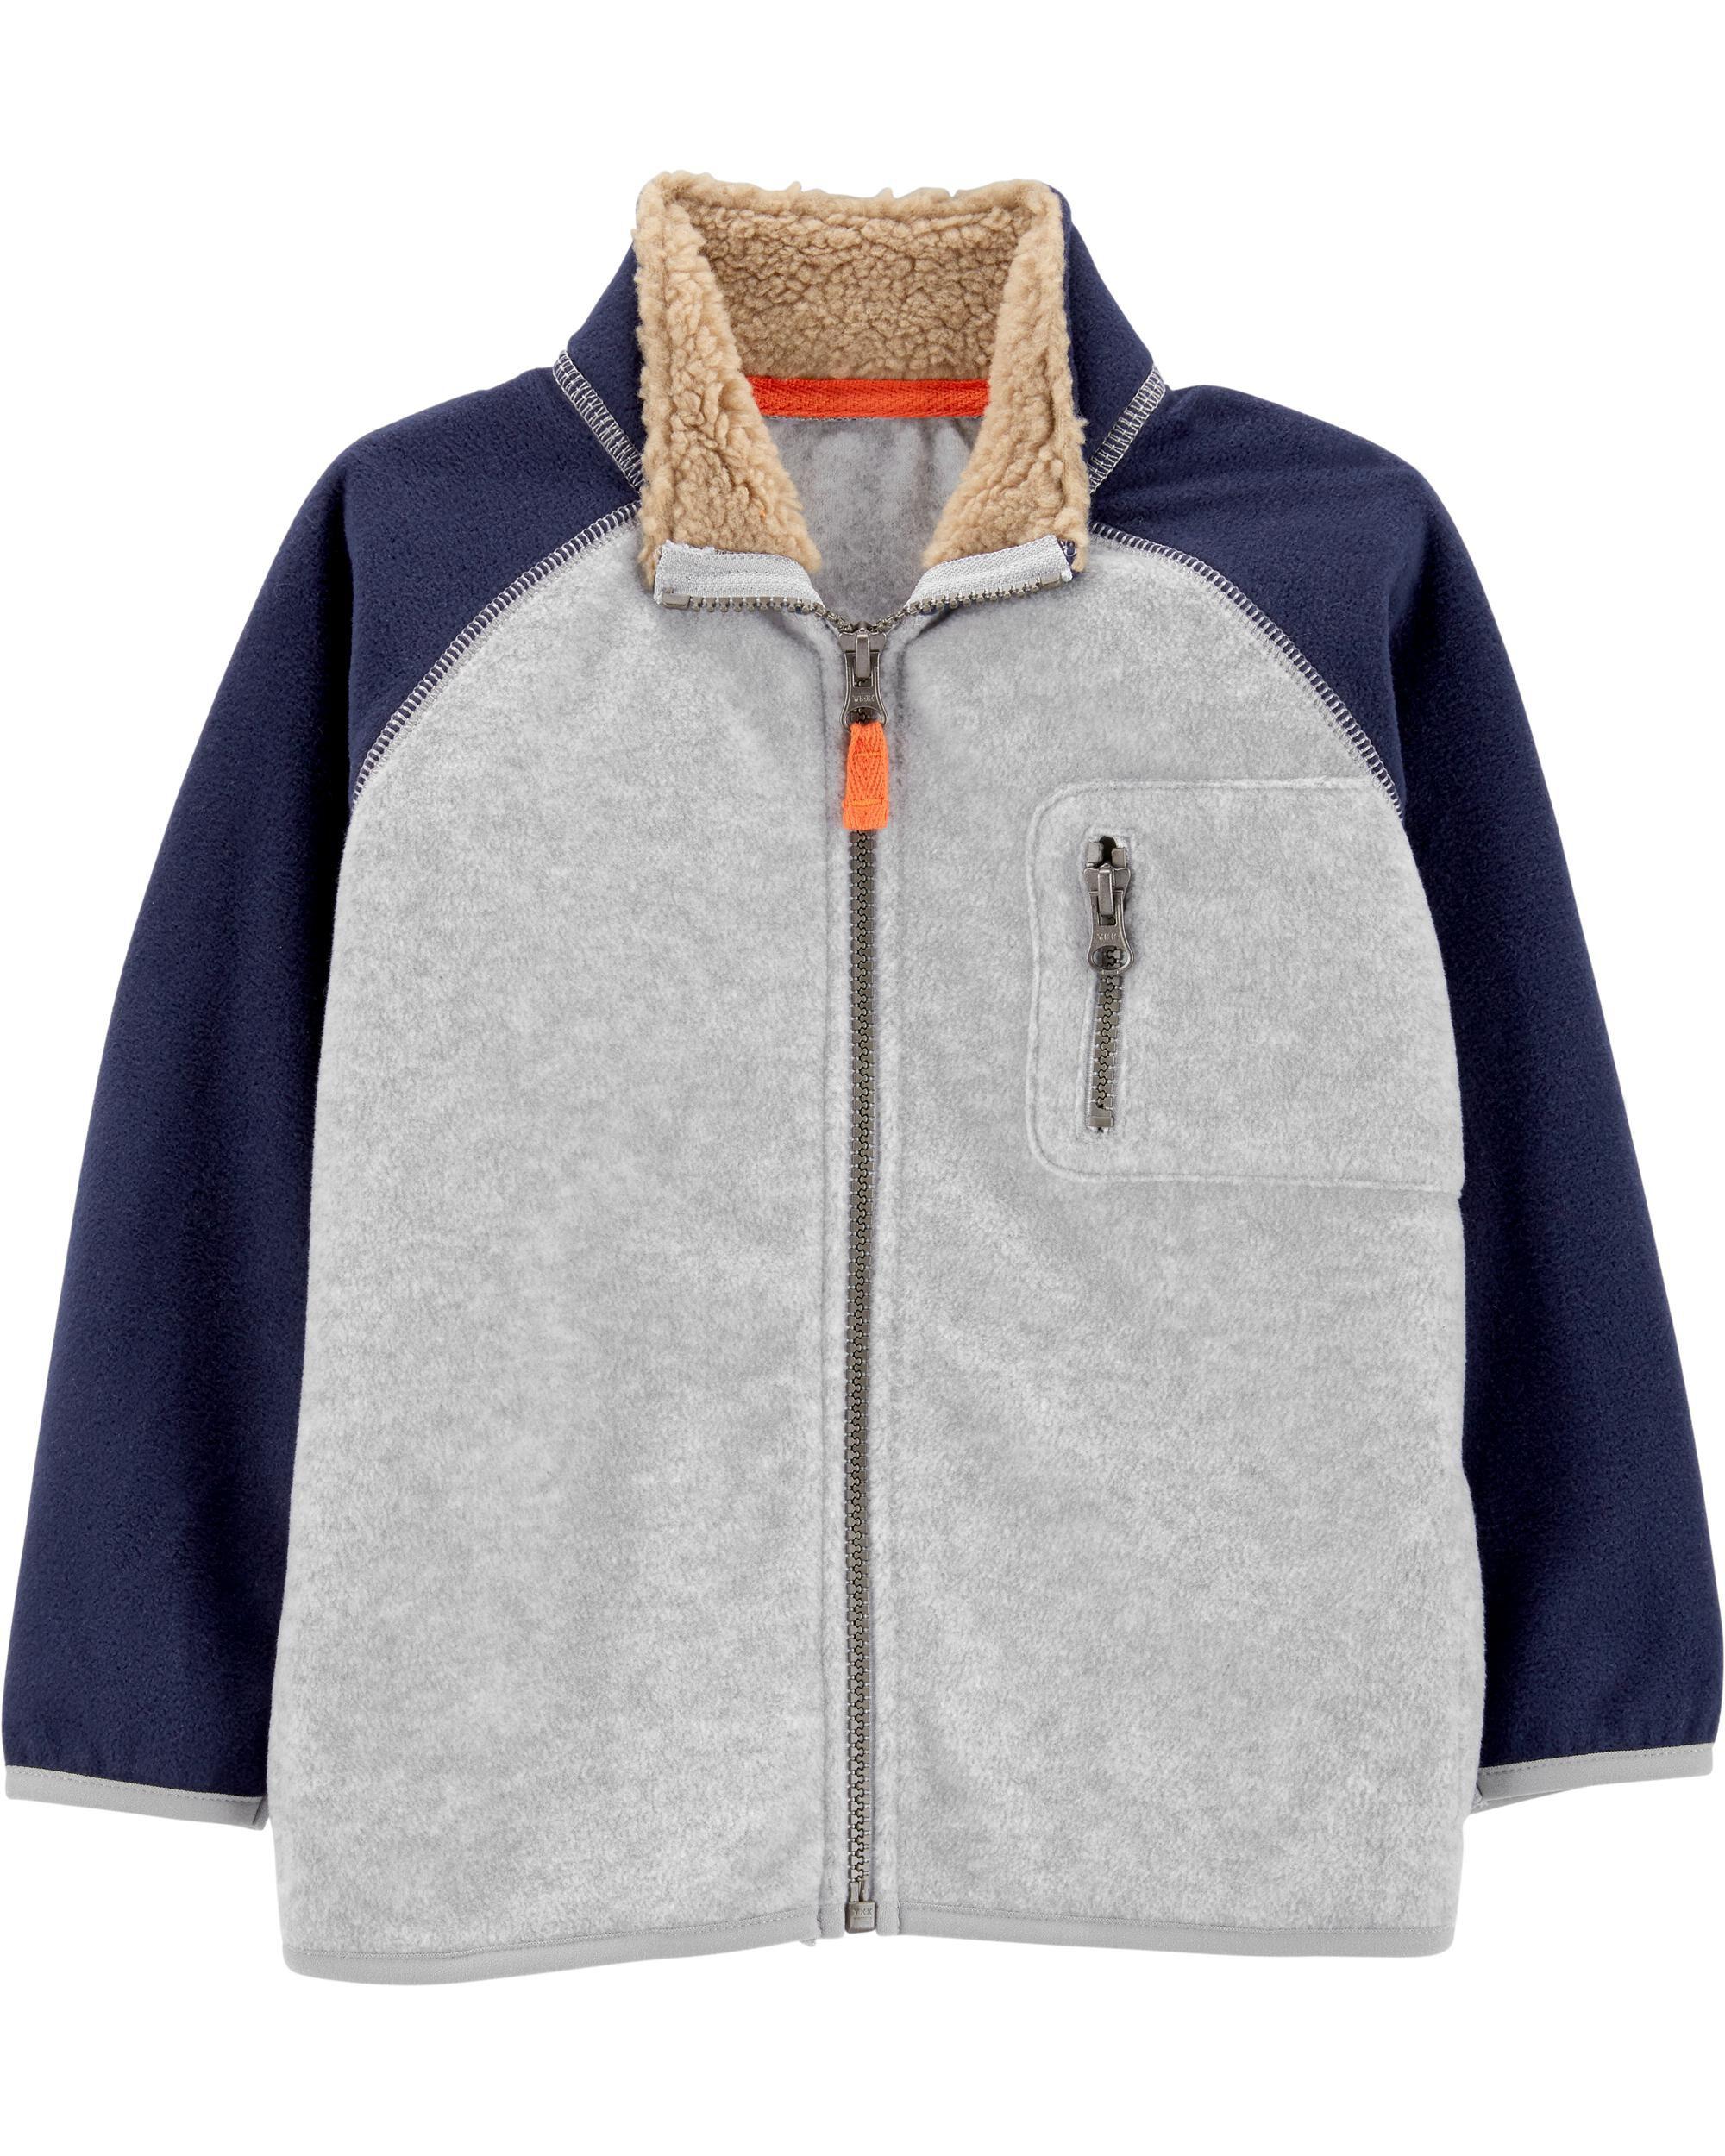 Zip-Up Fleece Jacket